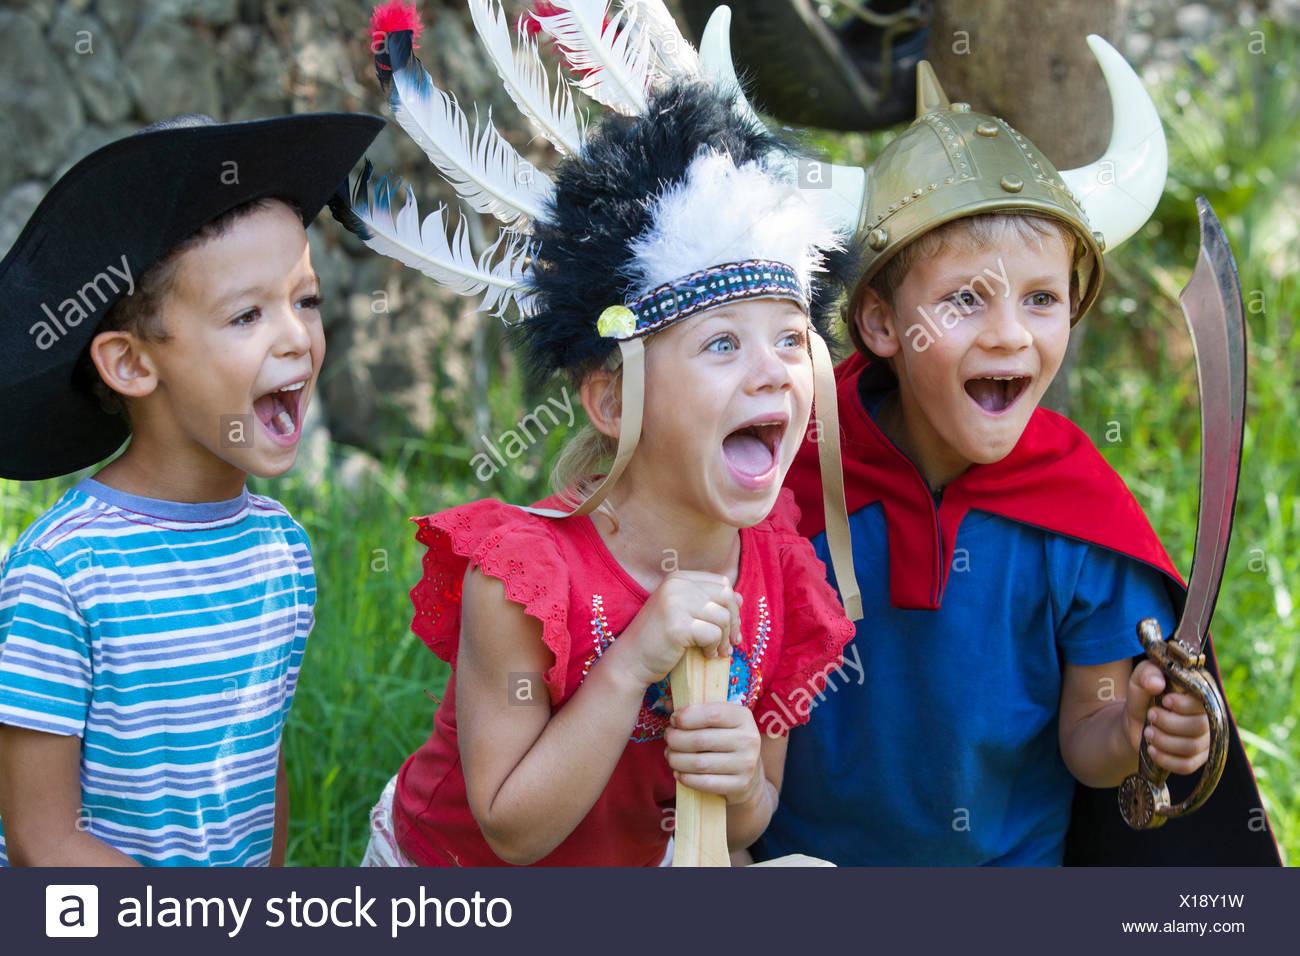 Trois enfants portant des costumés, jouant dans le parc Photo Stock